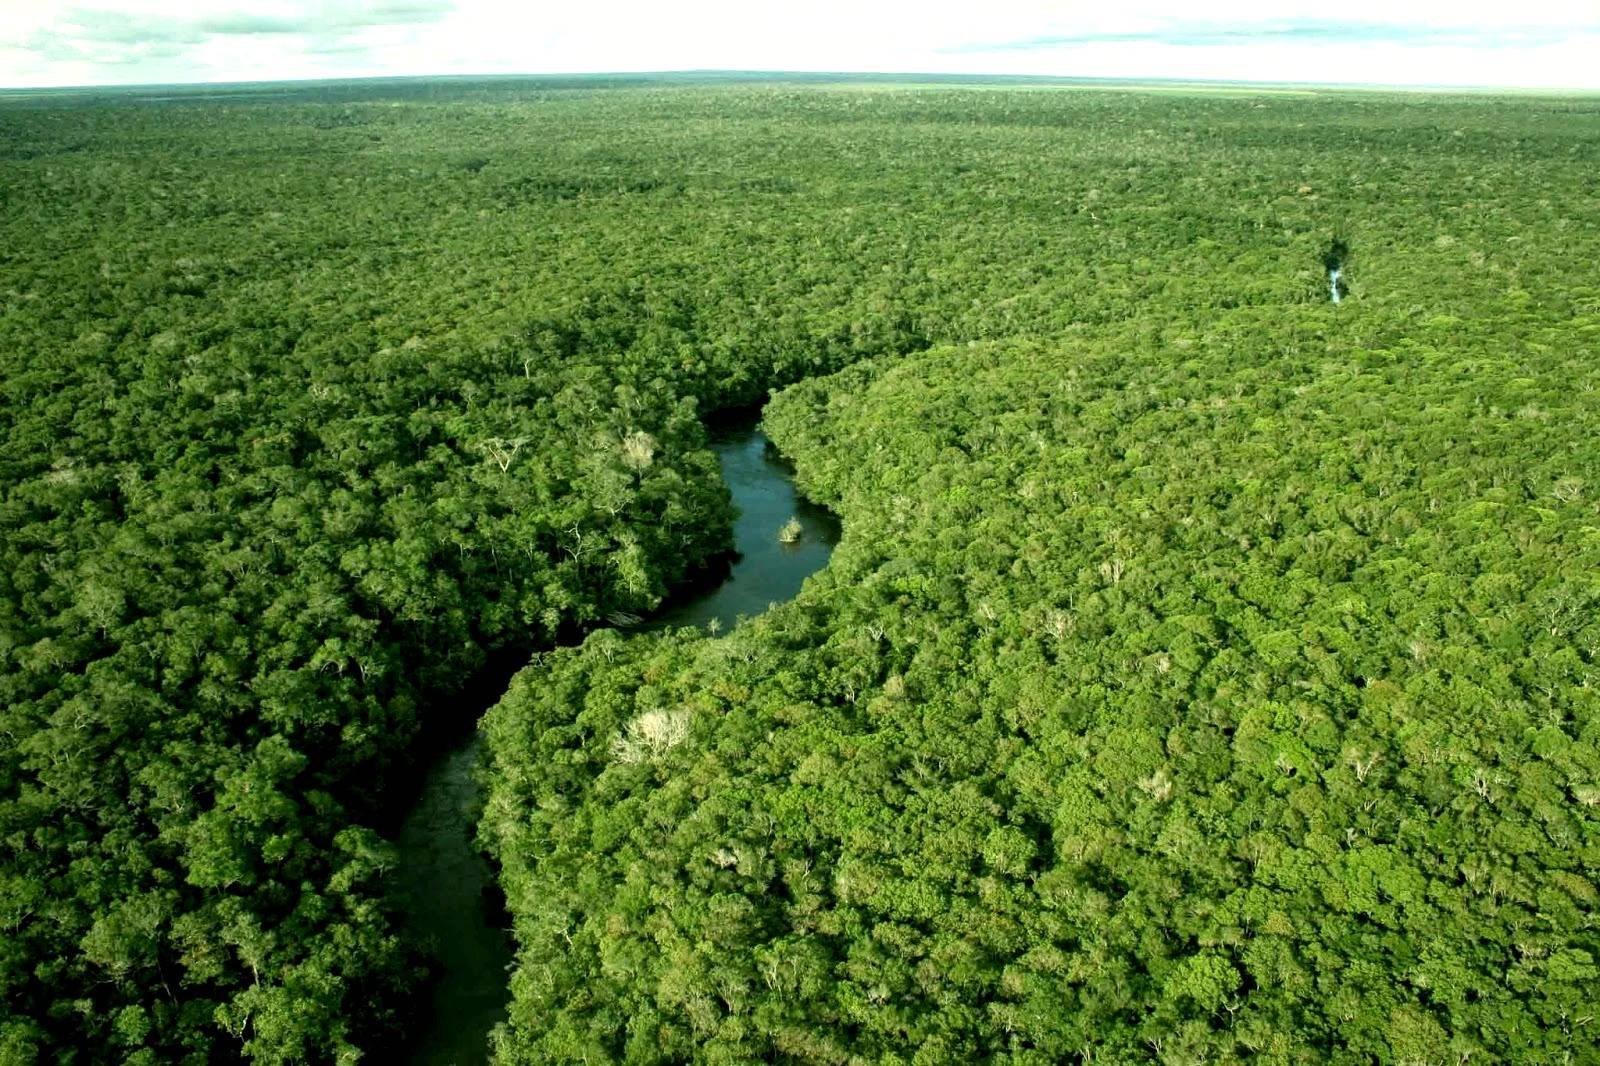 Mais da metade das espécies nativas das florestas tropicais poderão ser extintas